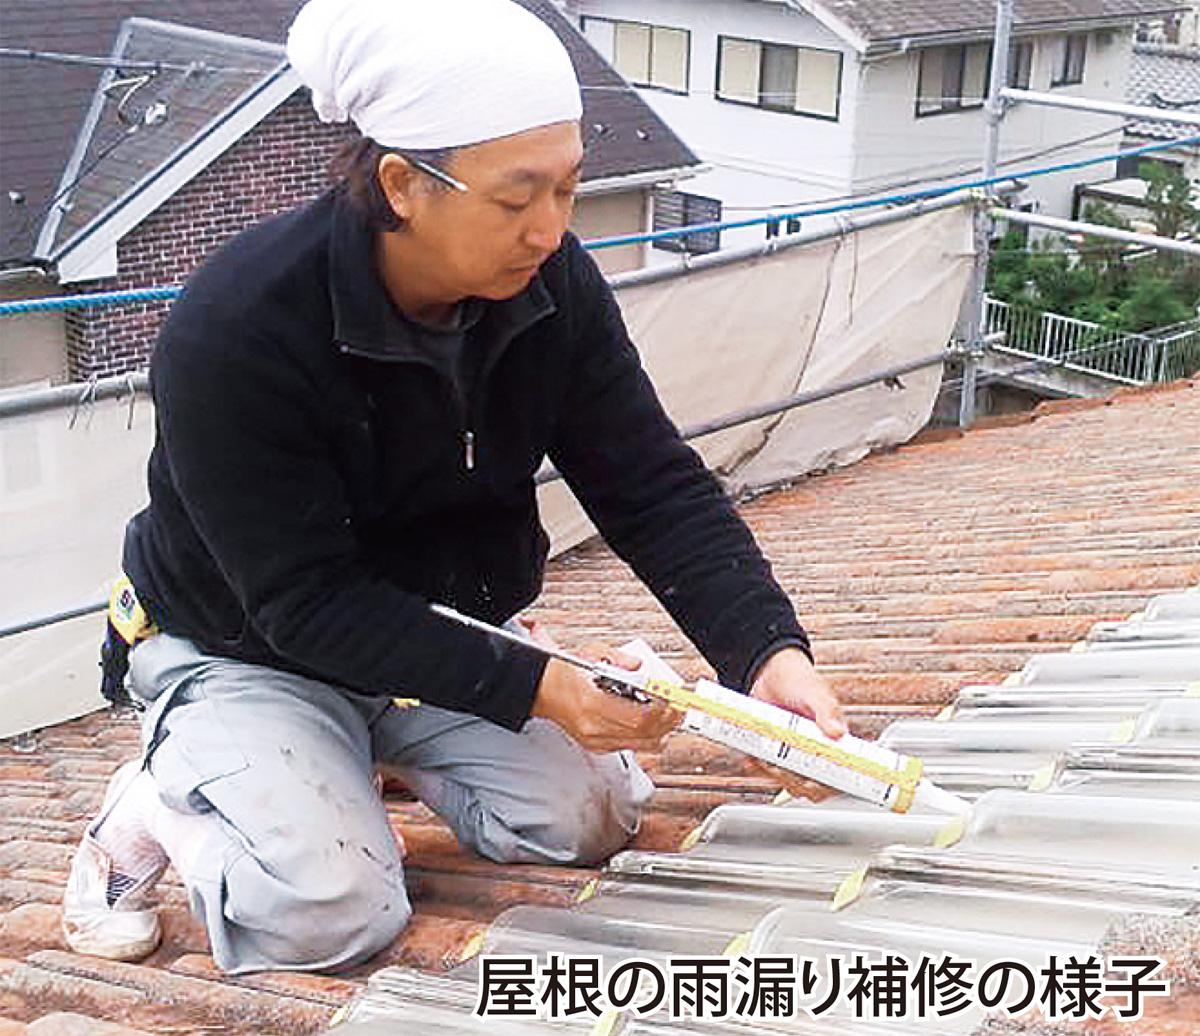 台風被害の修繕と対策を